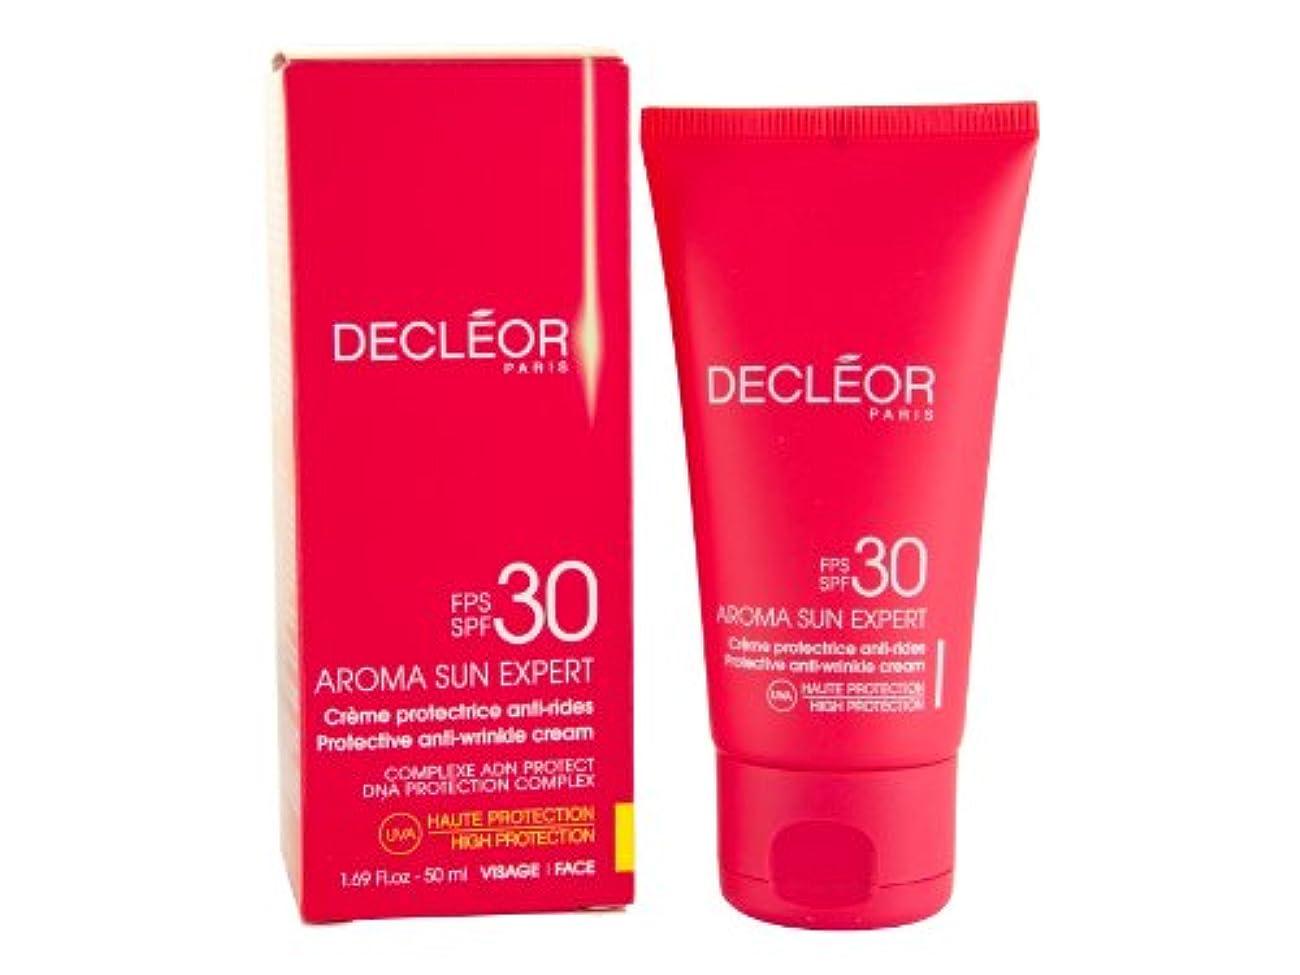 工夫するエレガントブルーベルデクレオール(DECLEOR) プロテクティブ サンクリーム 50g(日焼け止めクリーム)SPF30